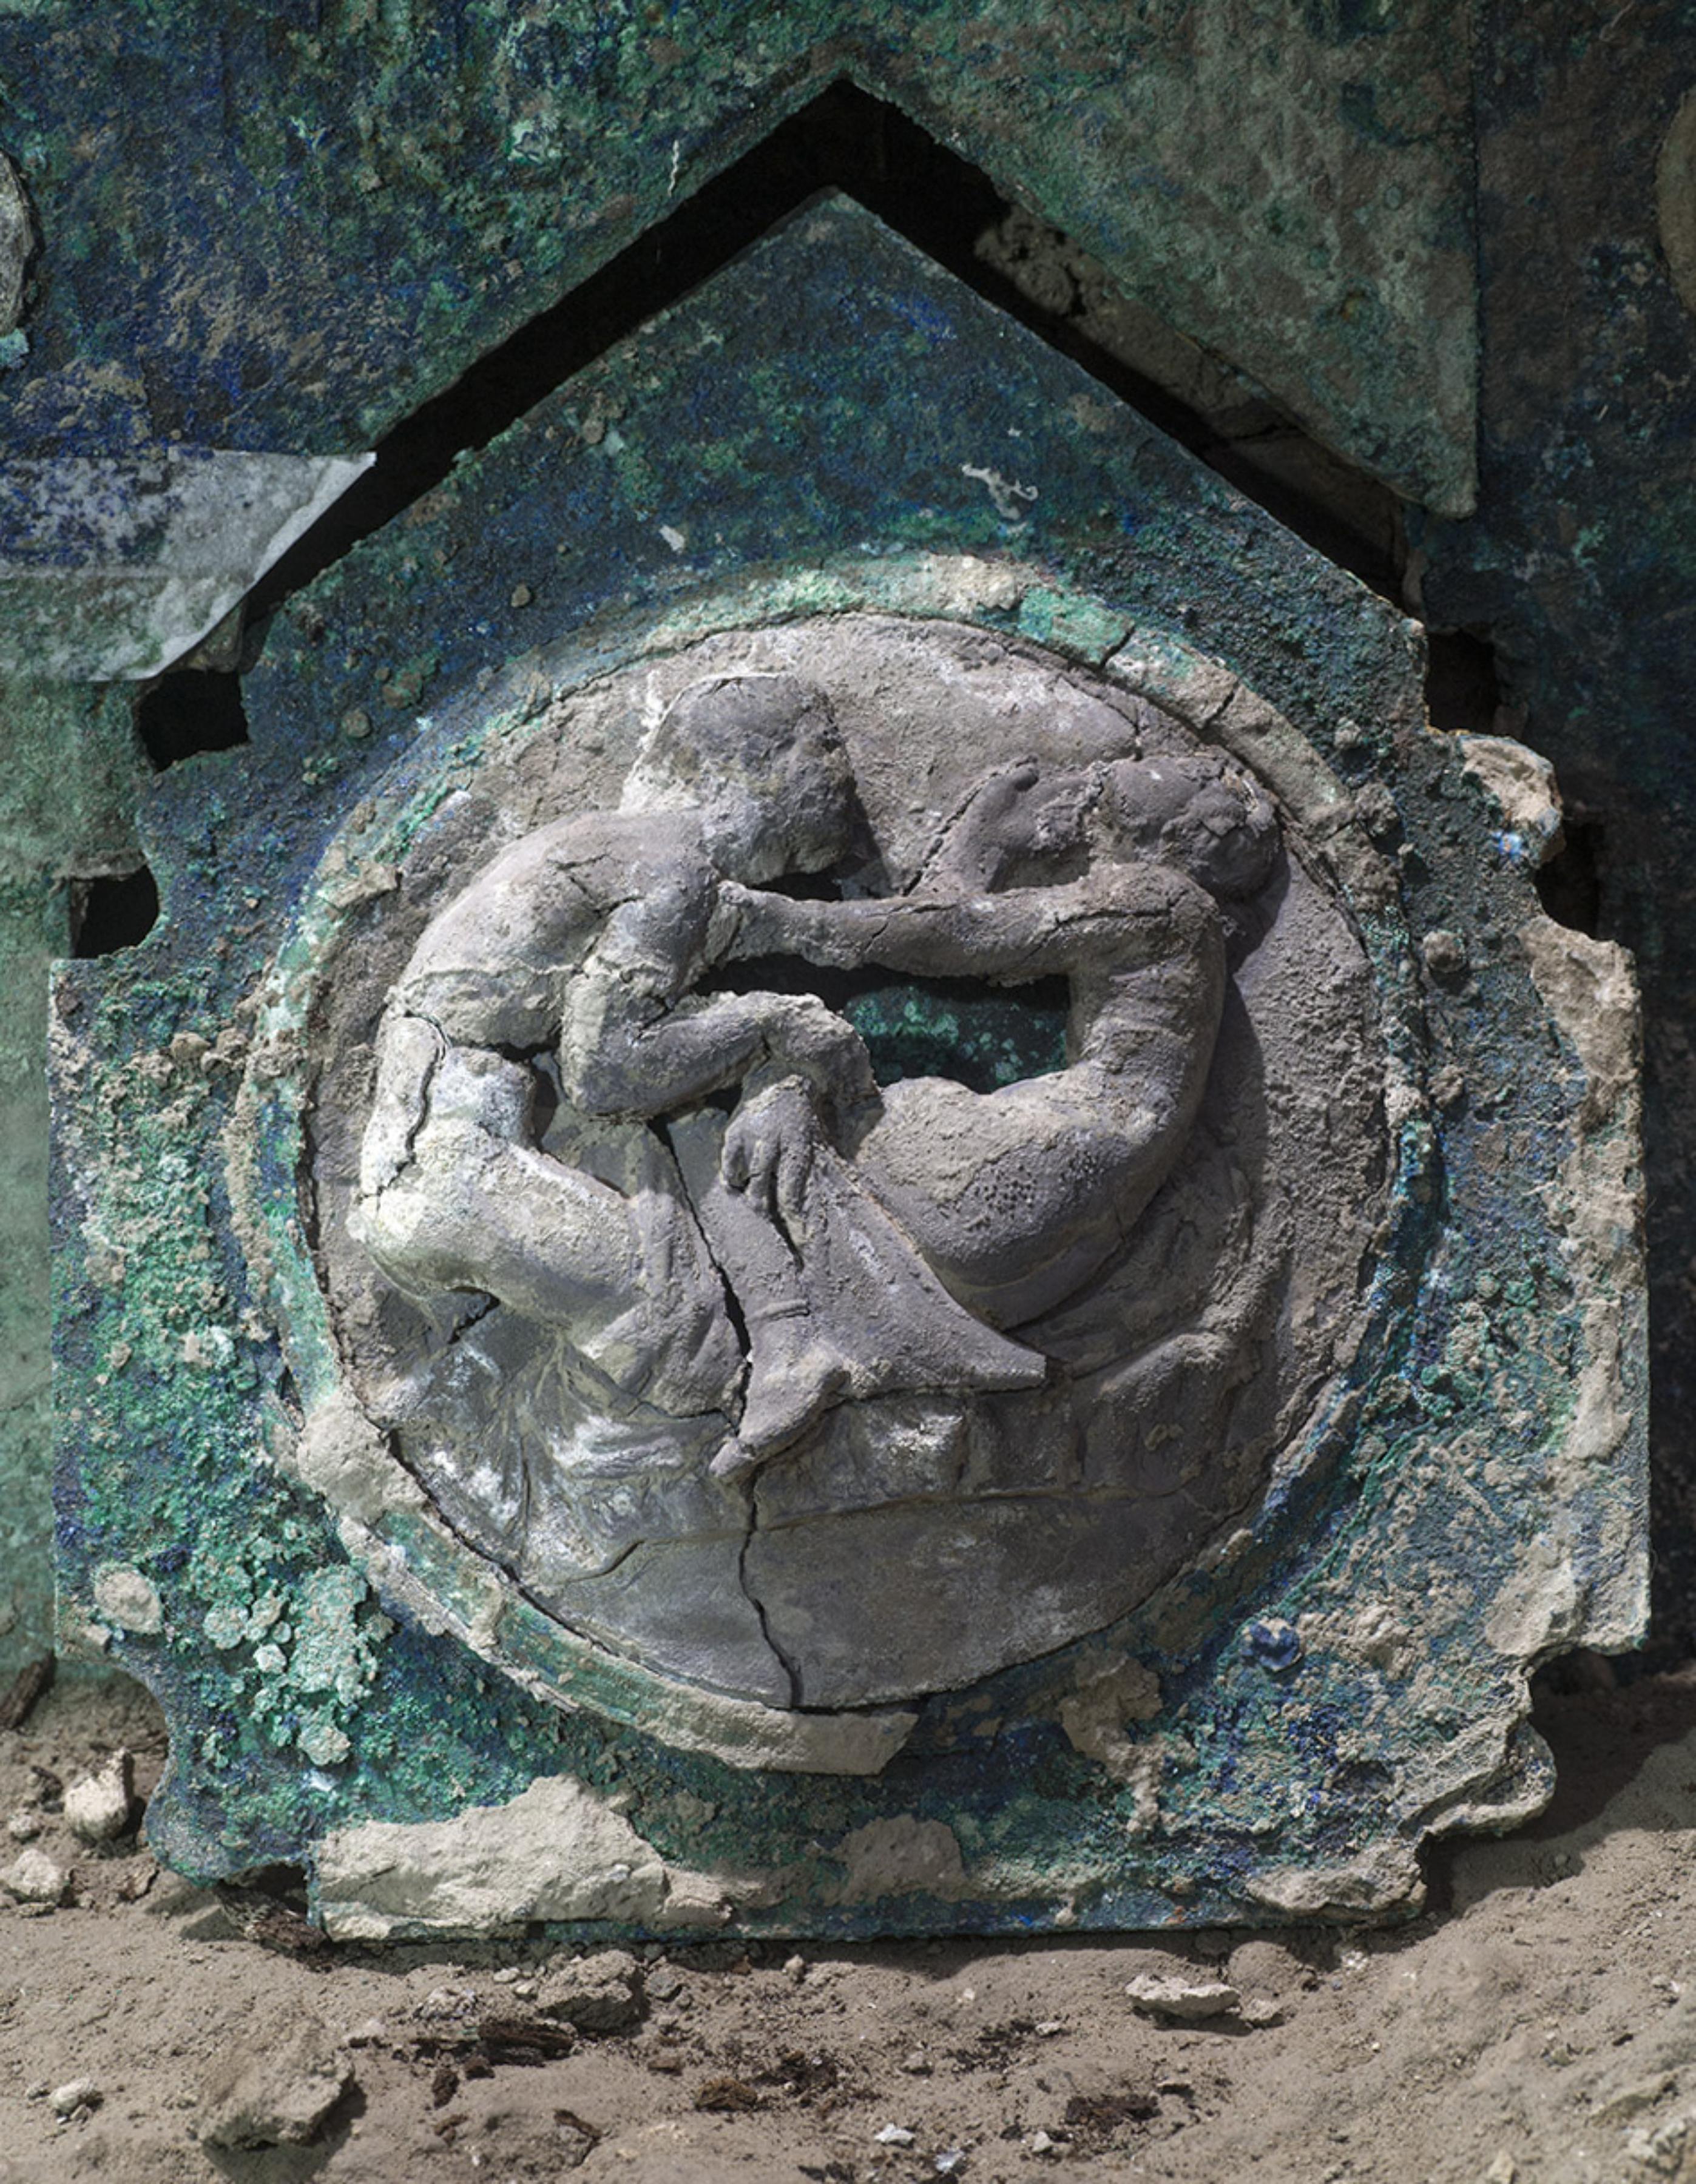 Példátlan feltárás Pompeii mellett: ünnepségeken használt kocsit találtak